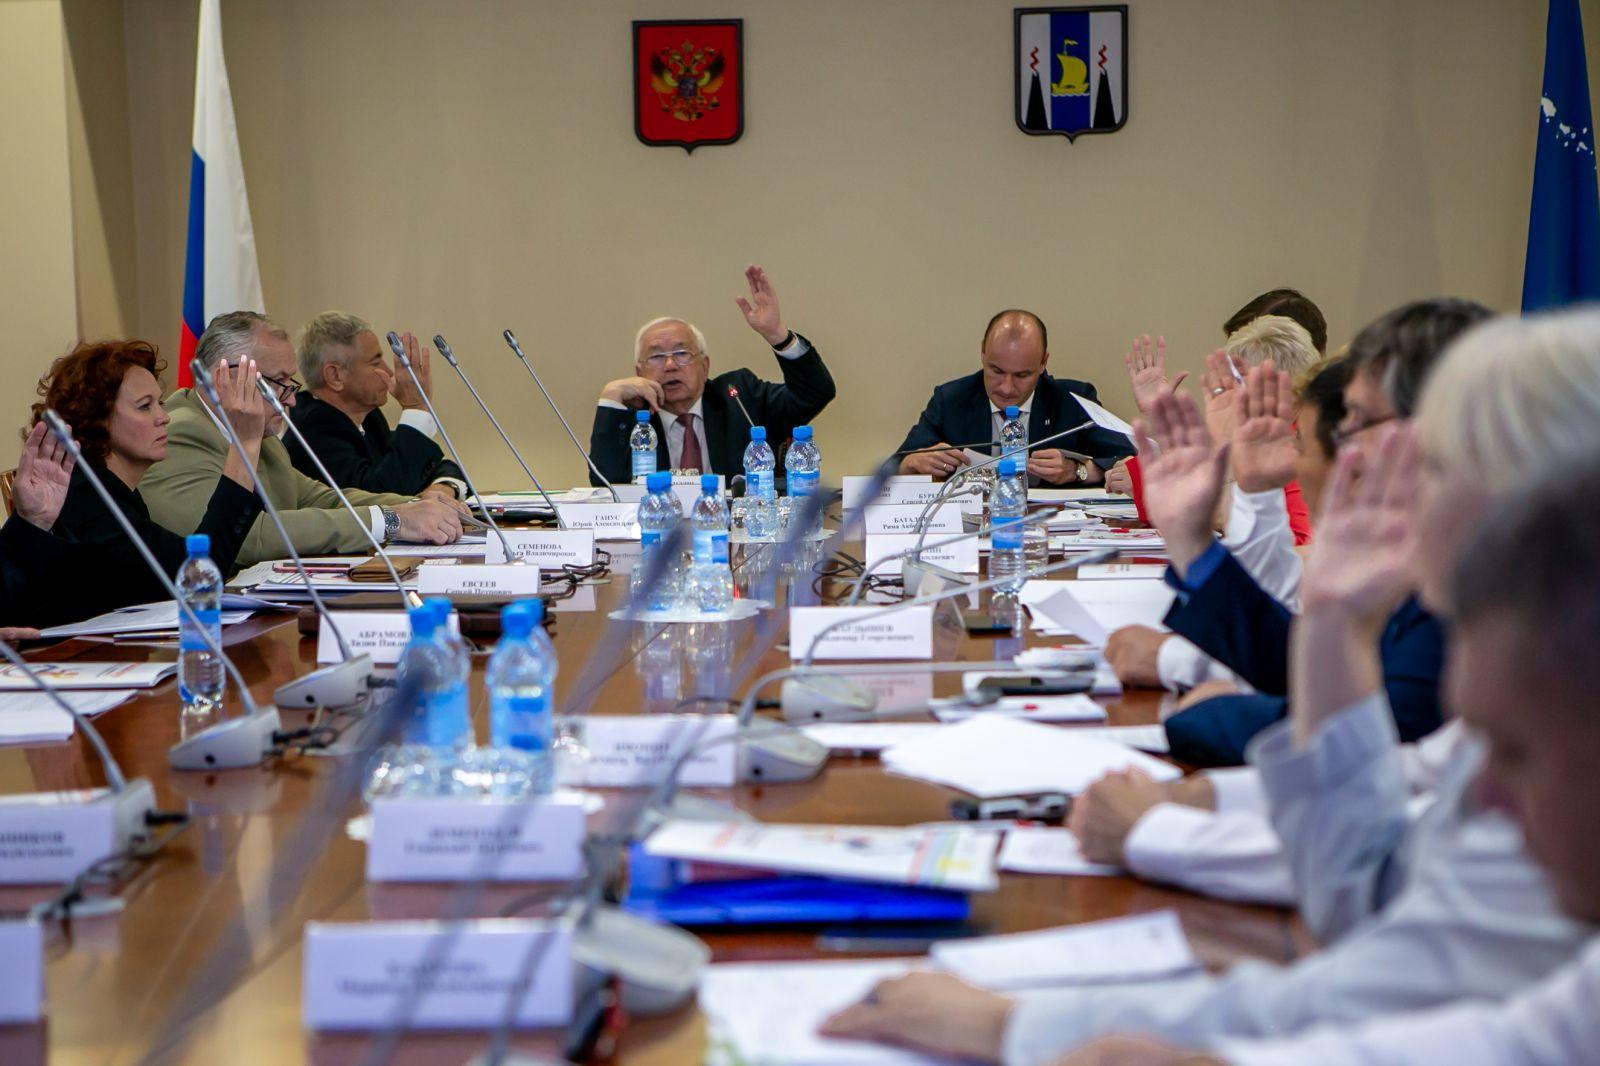 В.П. Лукин в г. Южно-Сахалинске провел заседание Исполкома ПКР